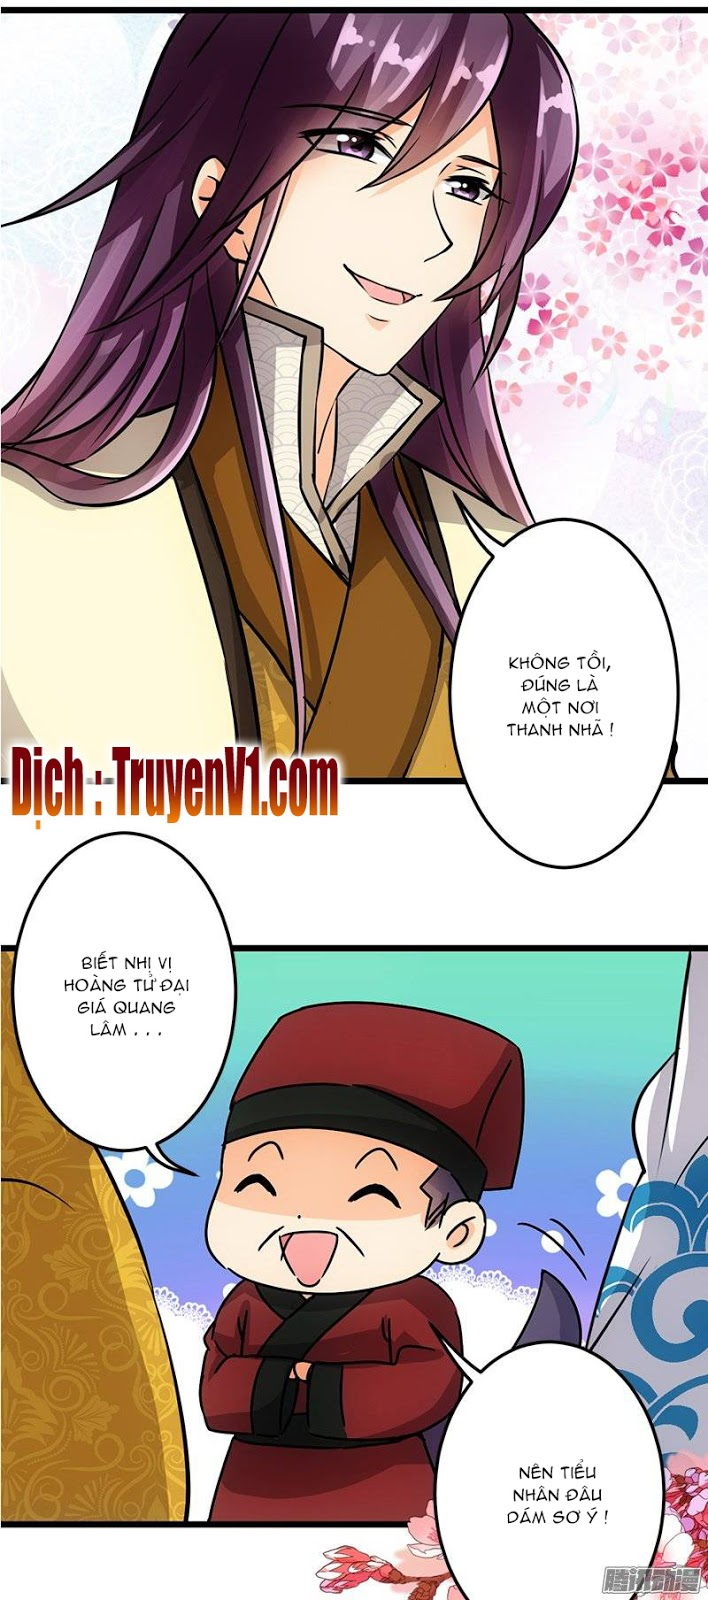 Vương Gia ! Ngươi Thật Bỉ Ổi ! chap 51 - Trang 18